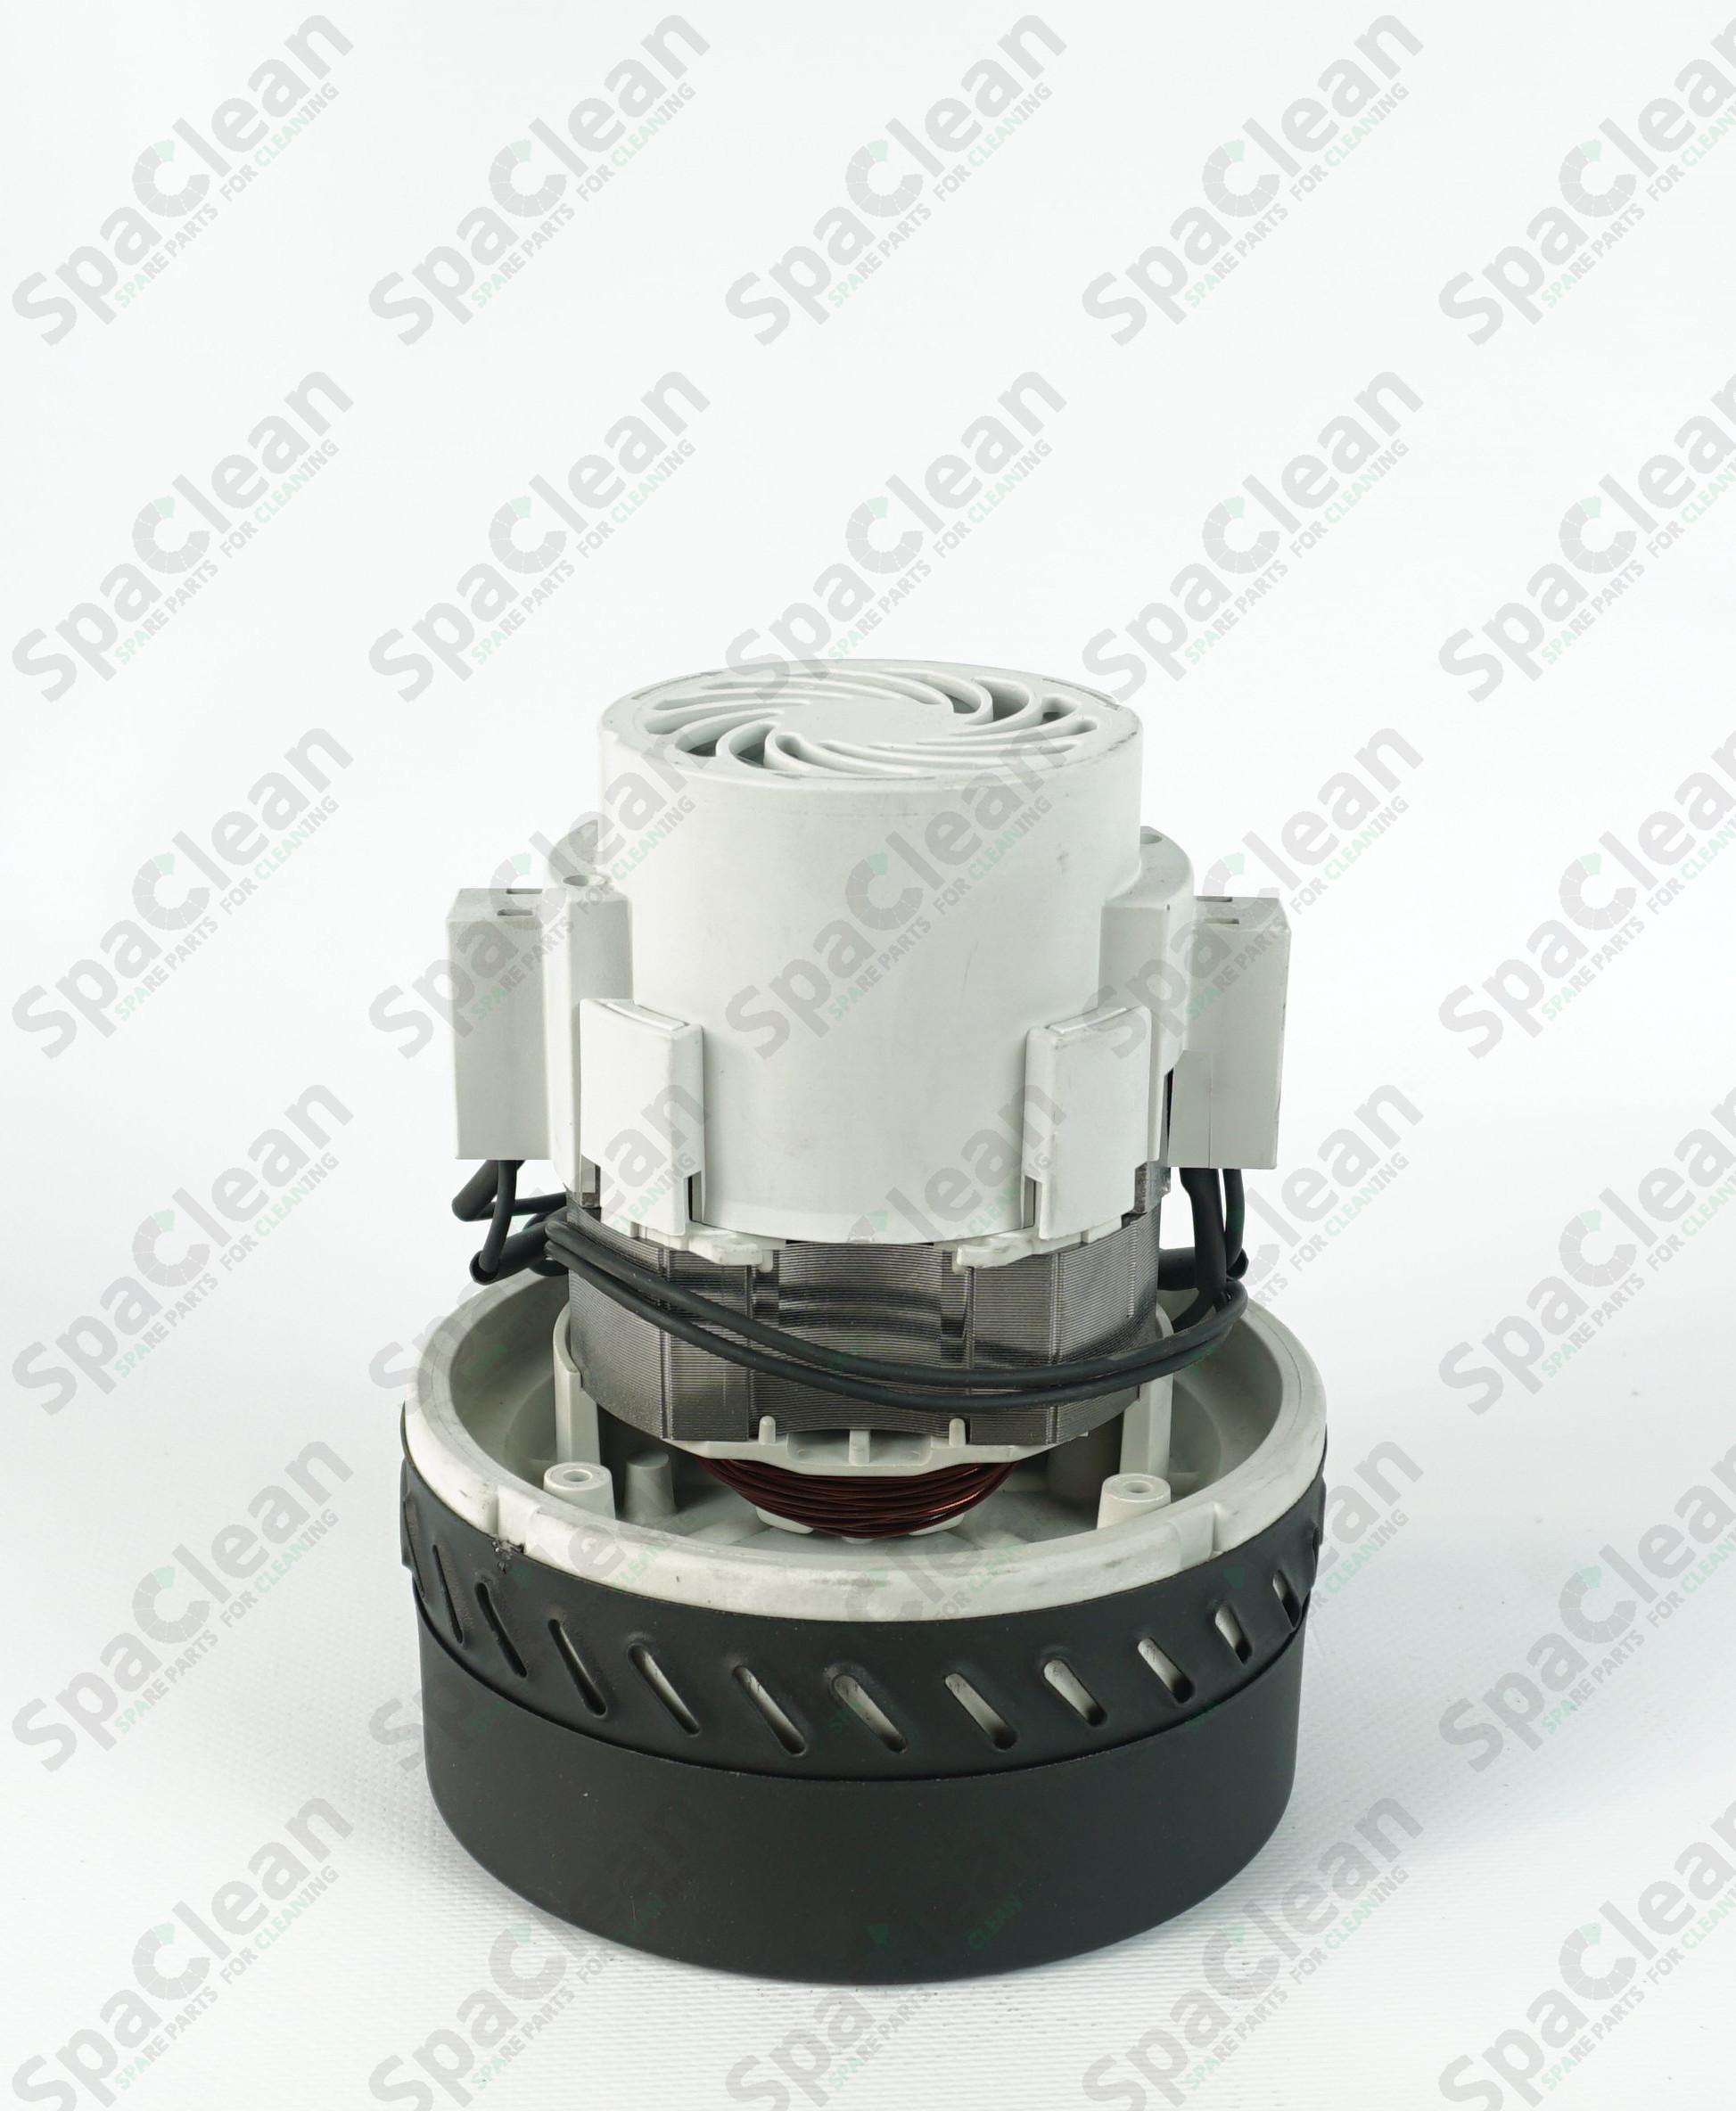 Вакуумный мотор 24V 240W Двухстадийный для Wirbel RAPID 15 M38